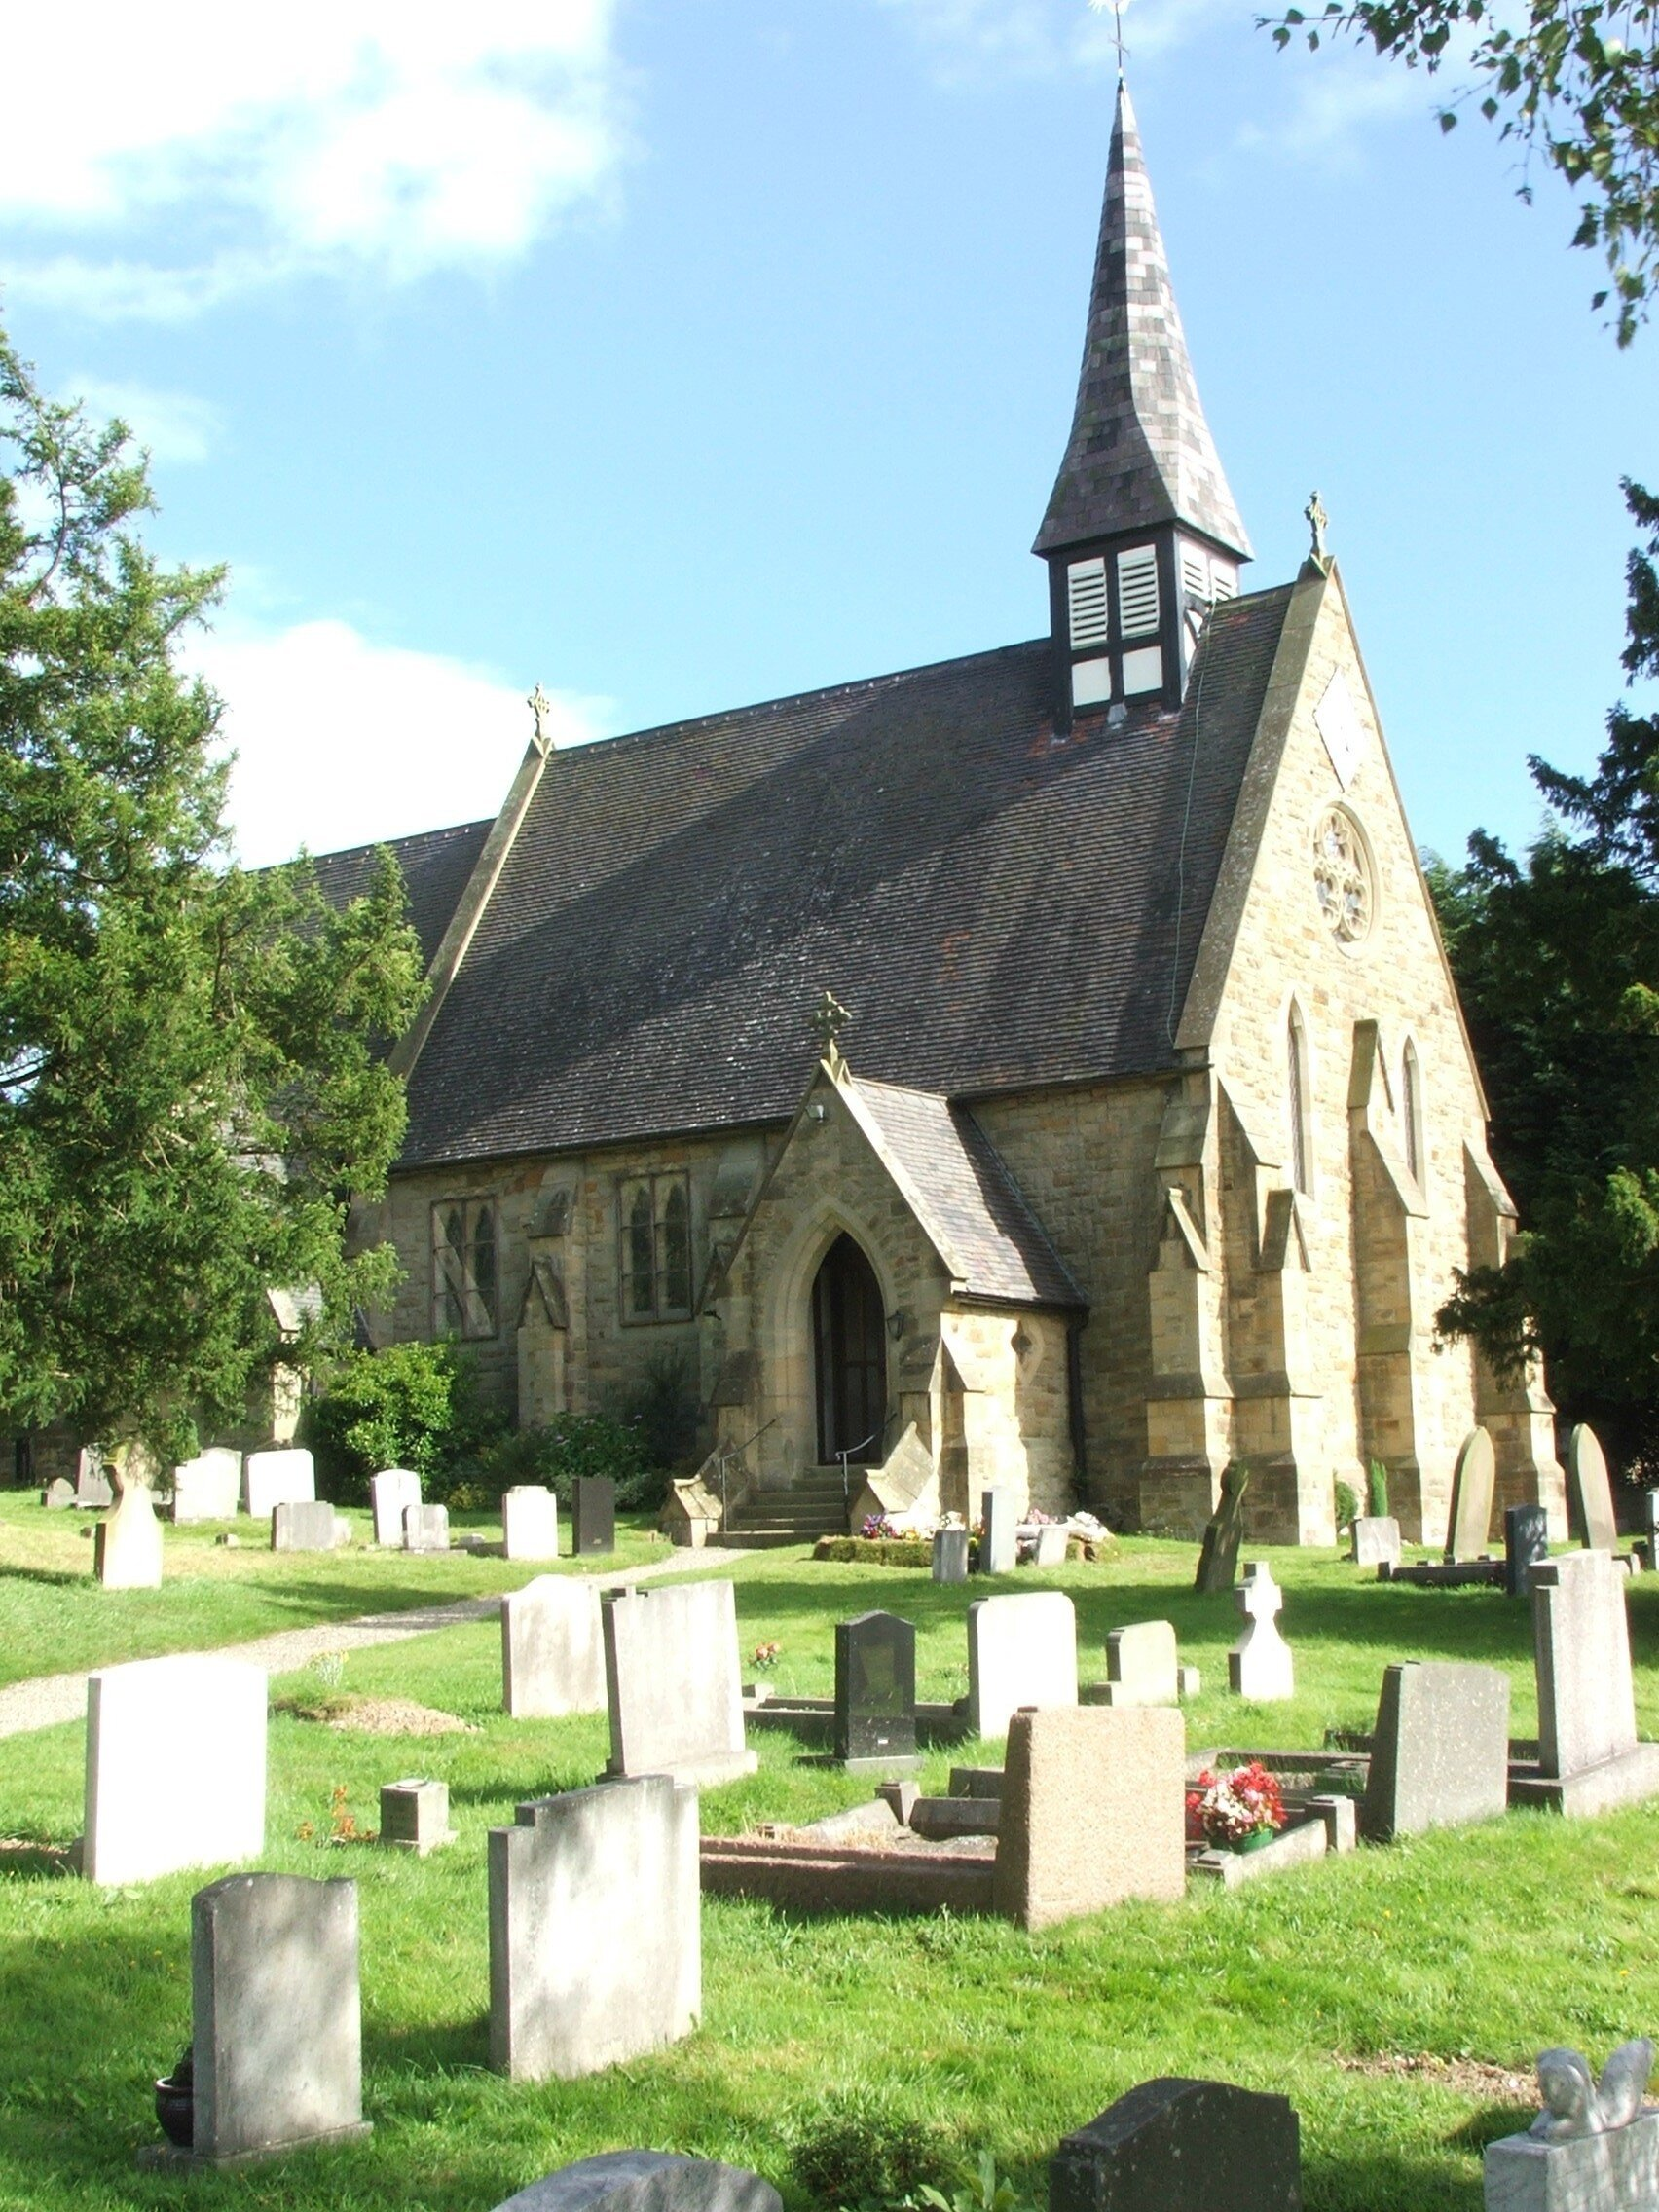 Holy Trinity Weston Lullingfields